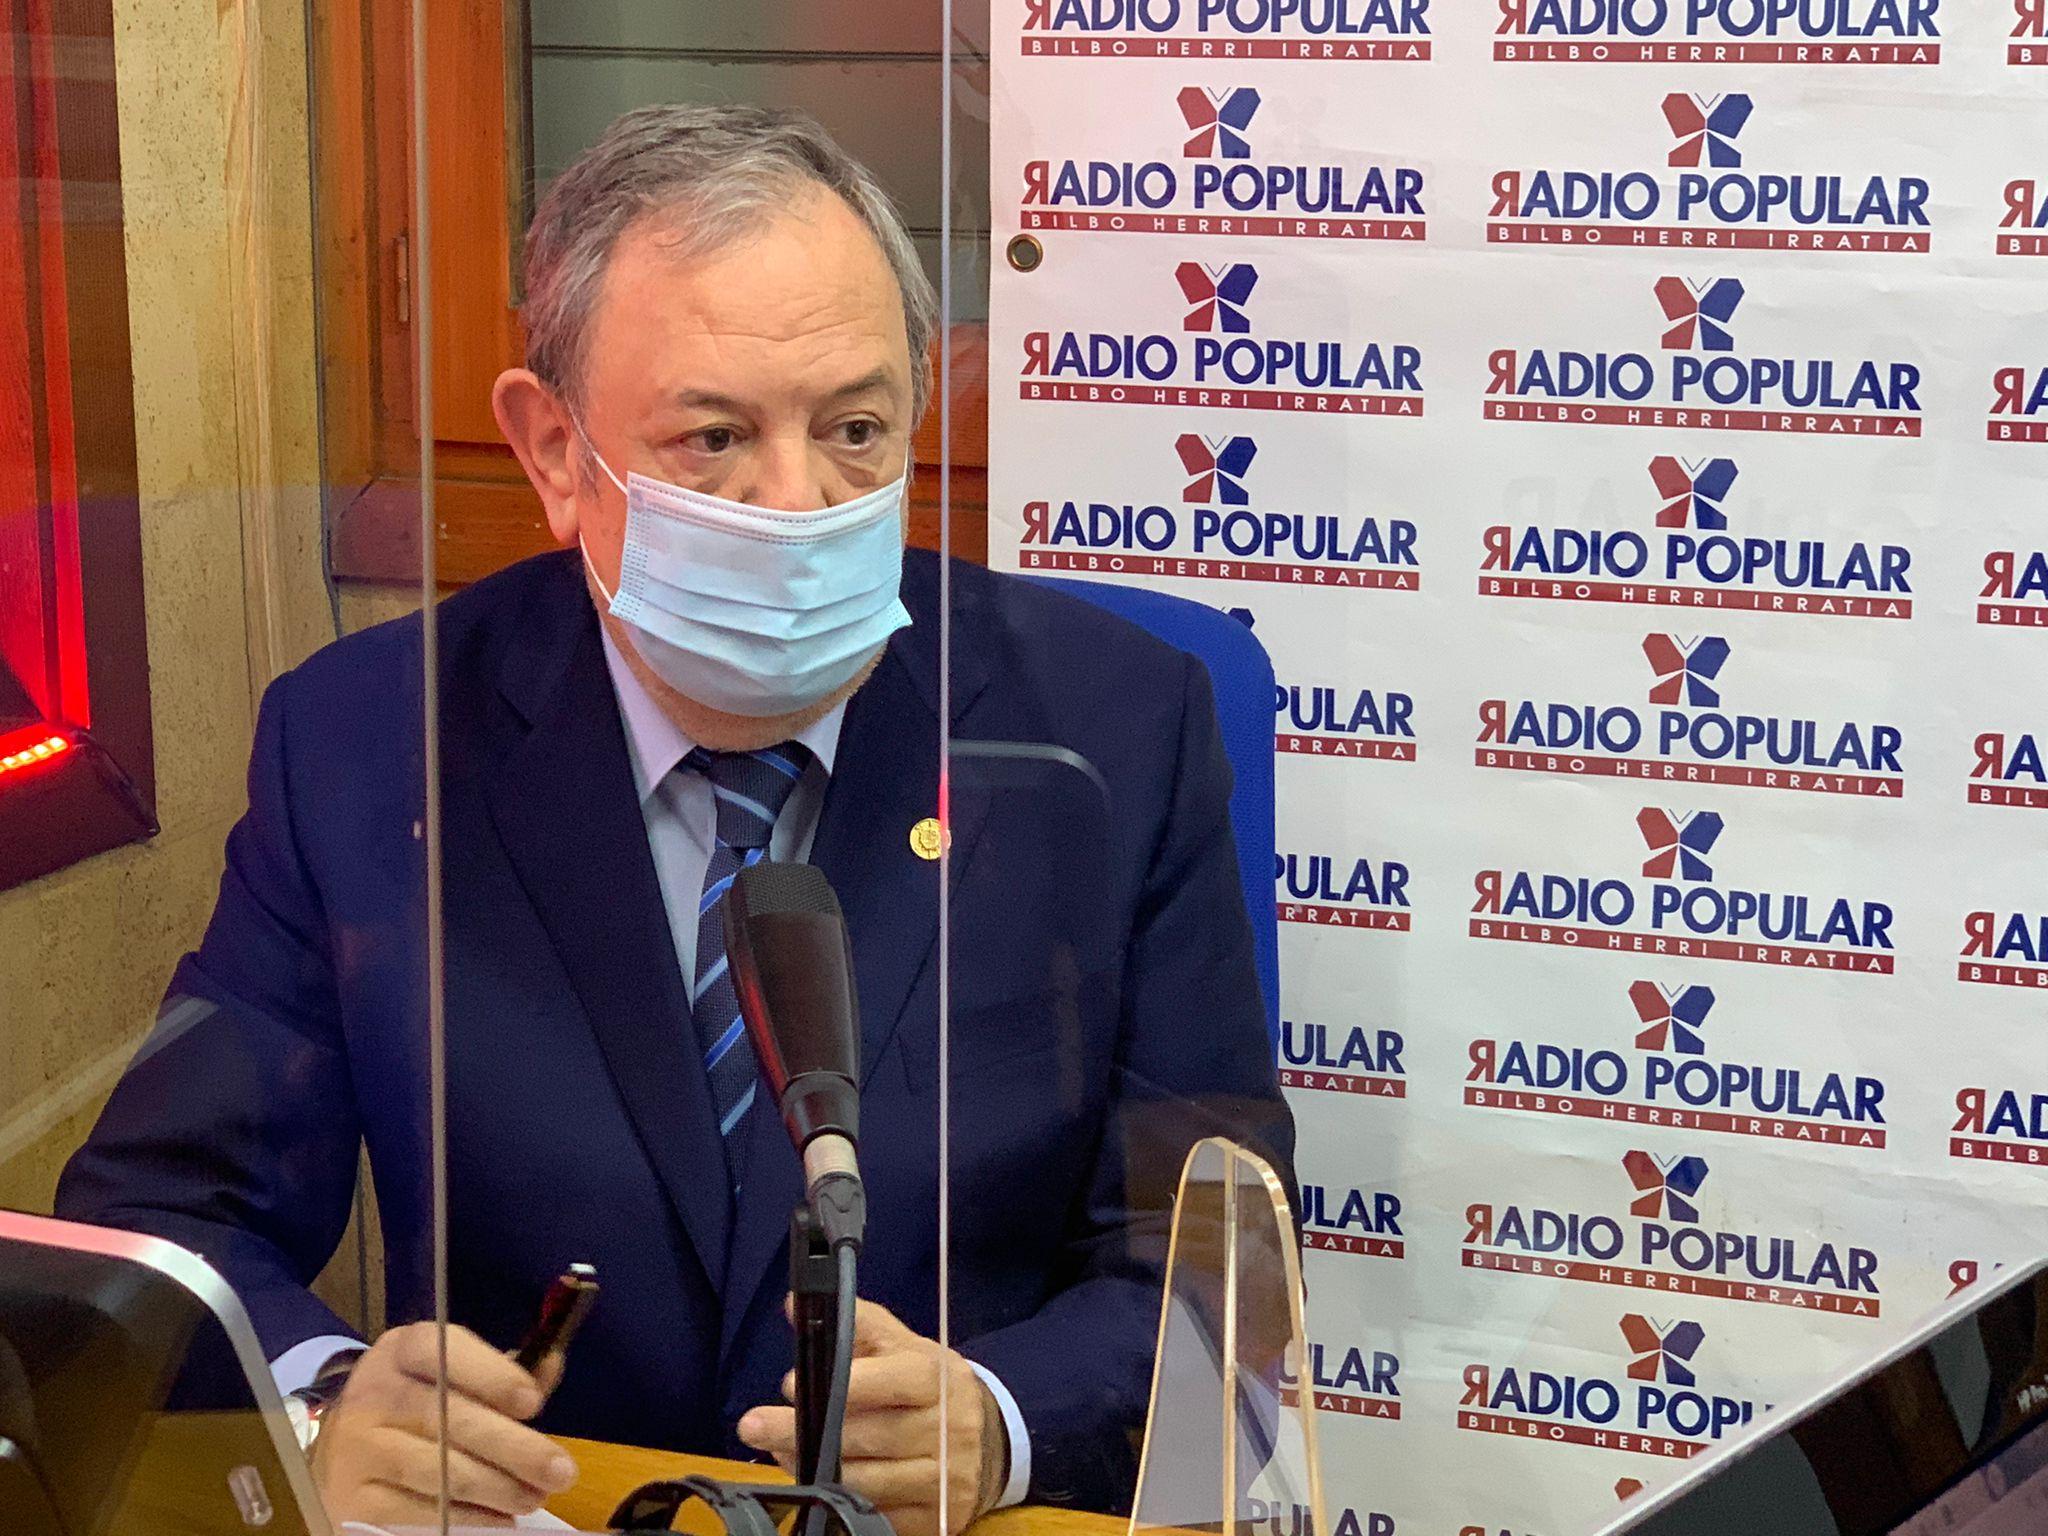 """Pedro Azpiazu: """"En materia de salud se van a poner todos los recursos que hagan falta para salir de esta situación"""" [22:20]"""